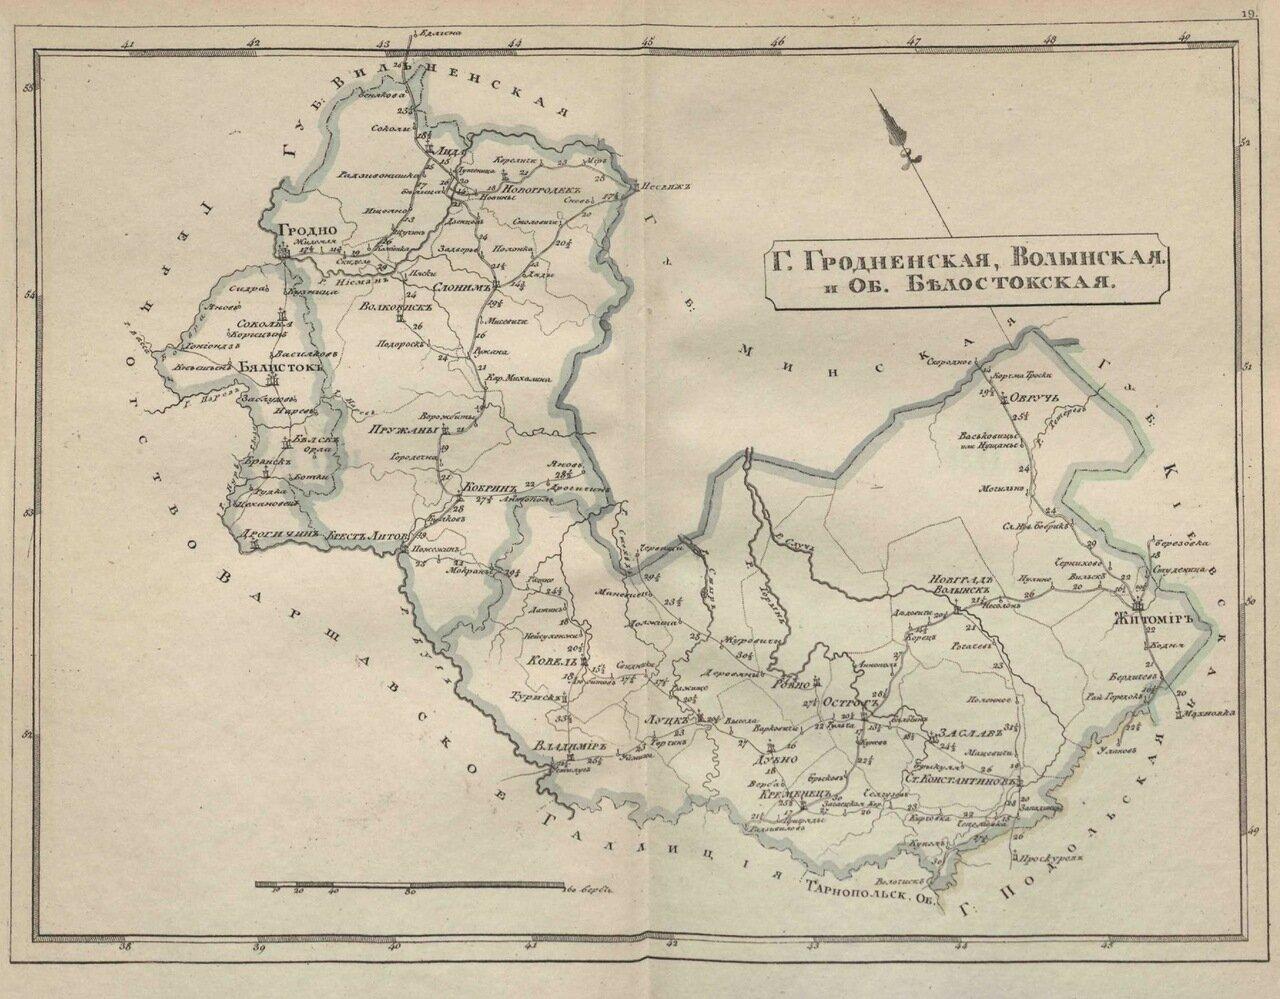 19. г. Гродненская,Волынская,область Белостокская